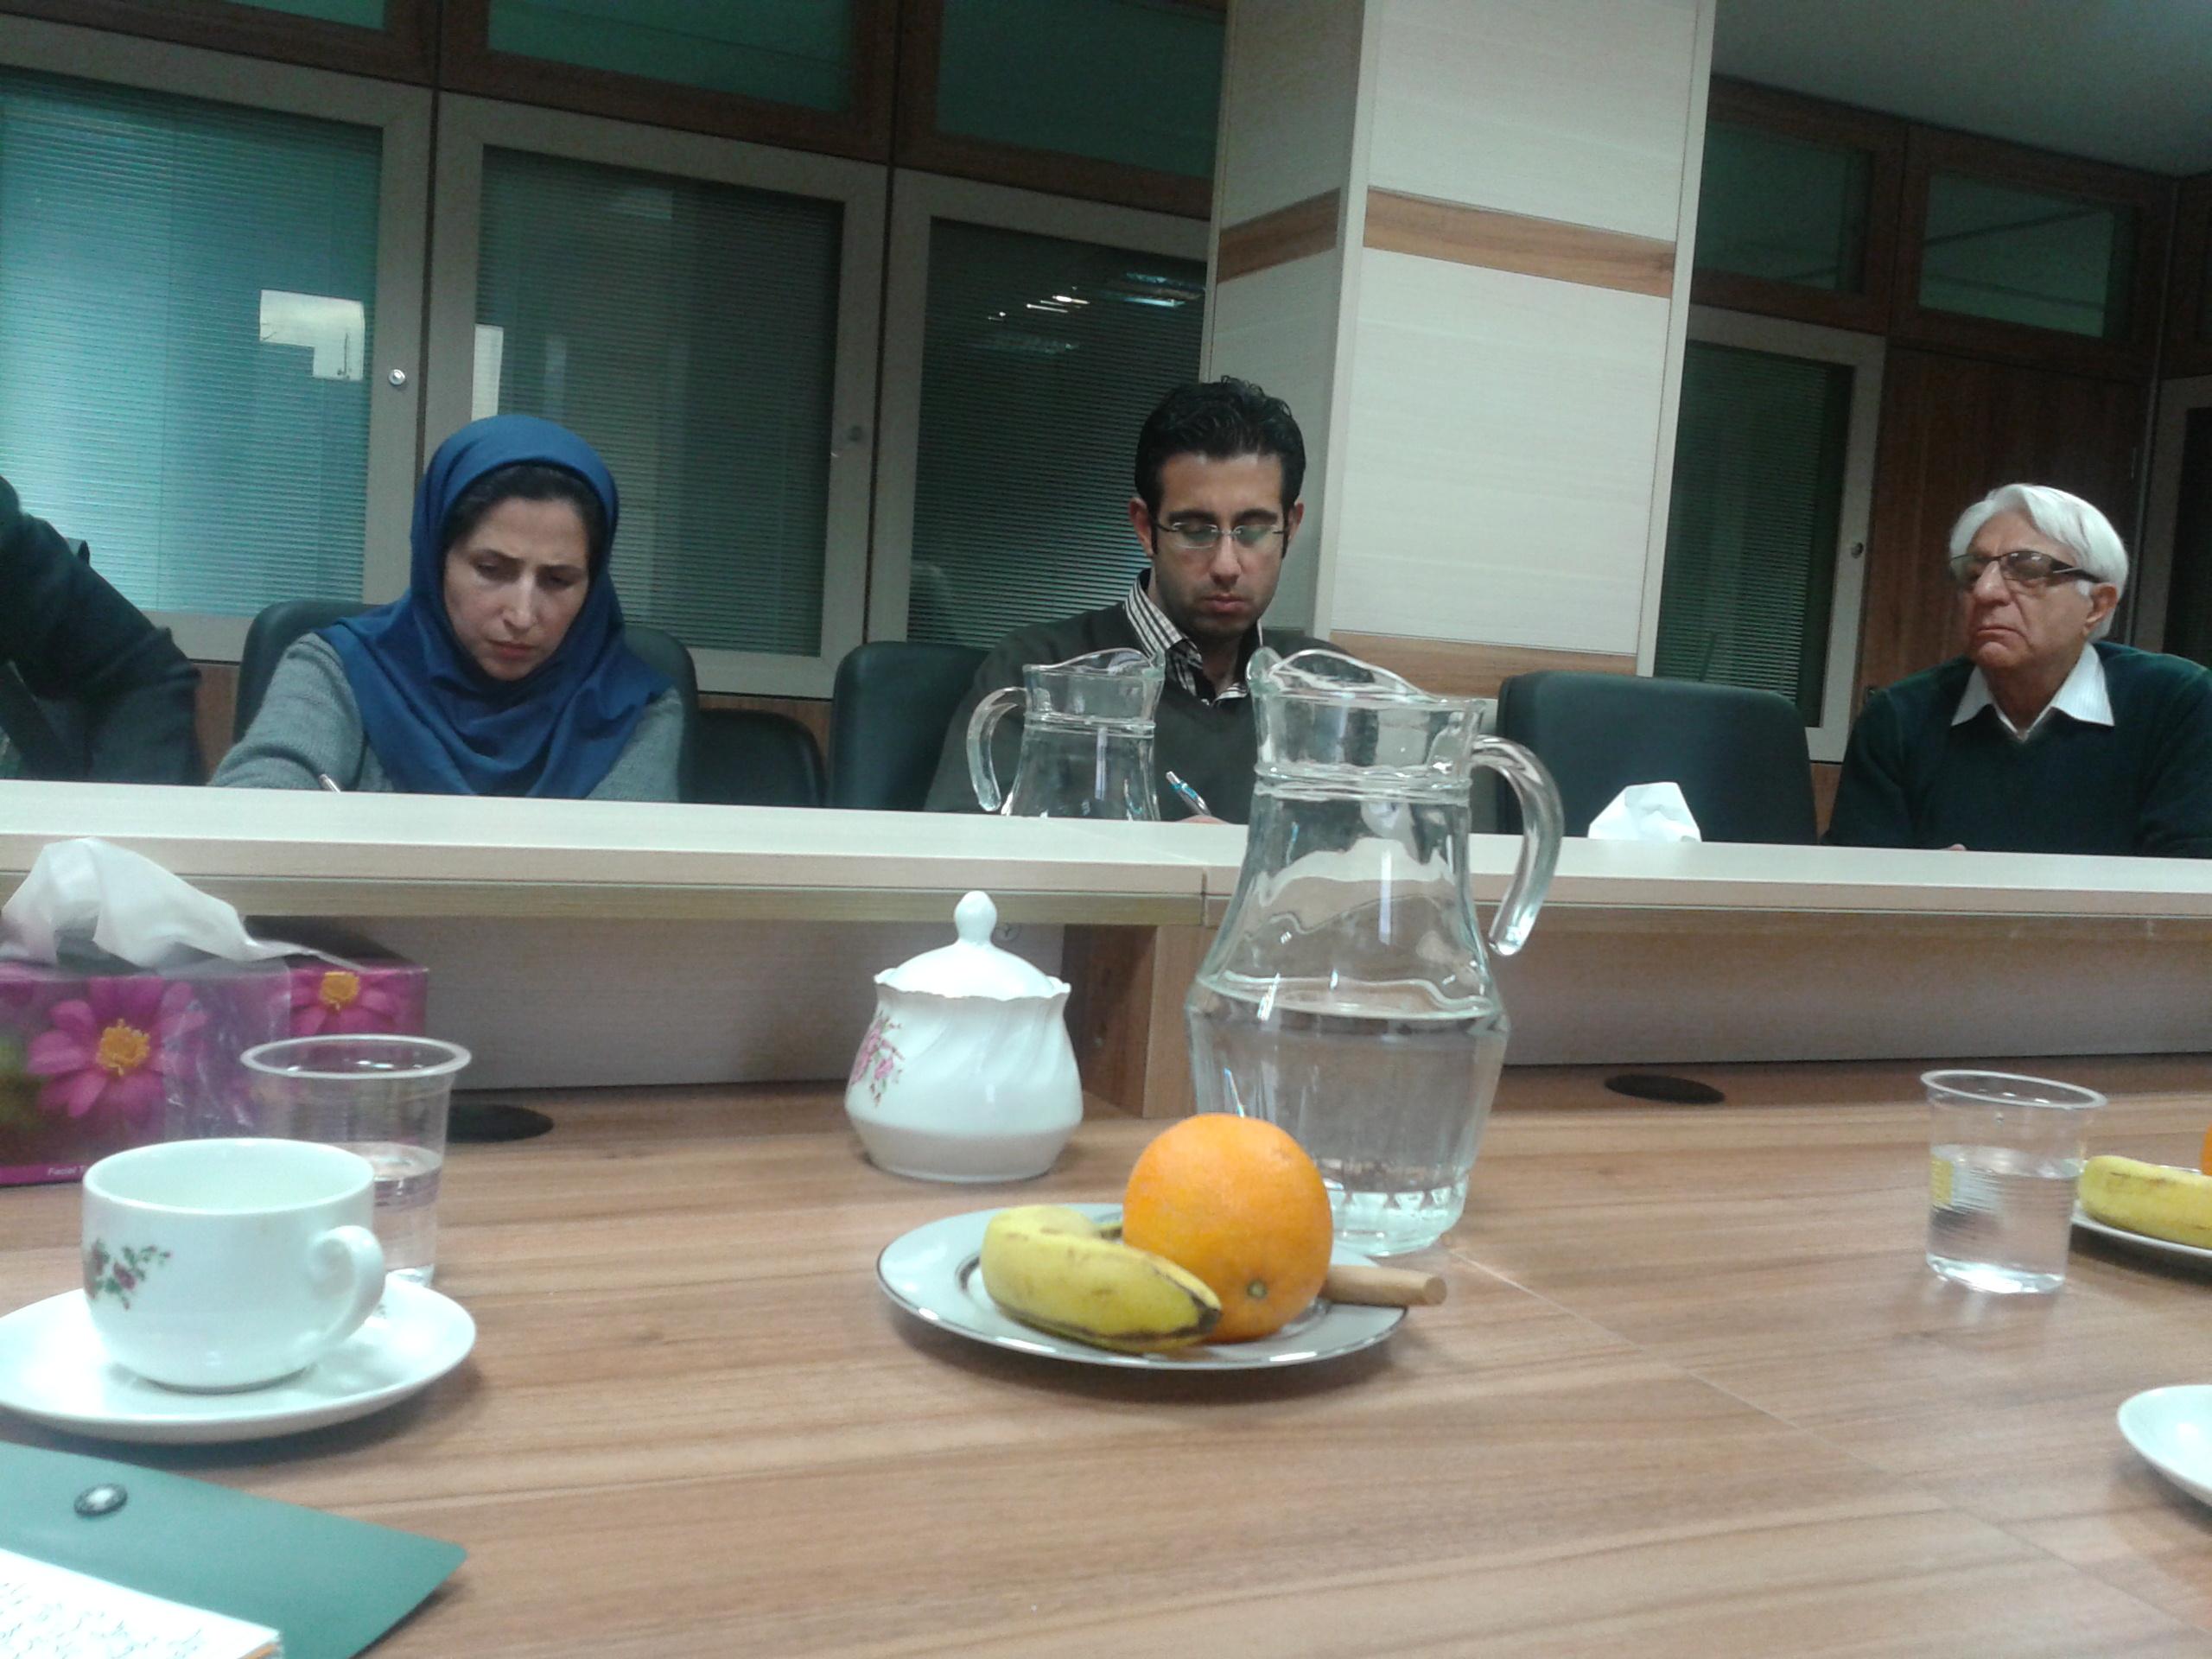 دیدار دوم نمایندگان سازمان های فرهنگی غیردولتی با مسئولان وزارت آموزش و پرورش